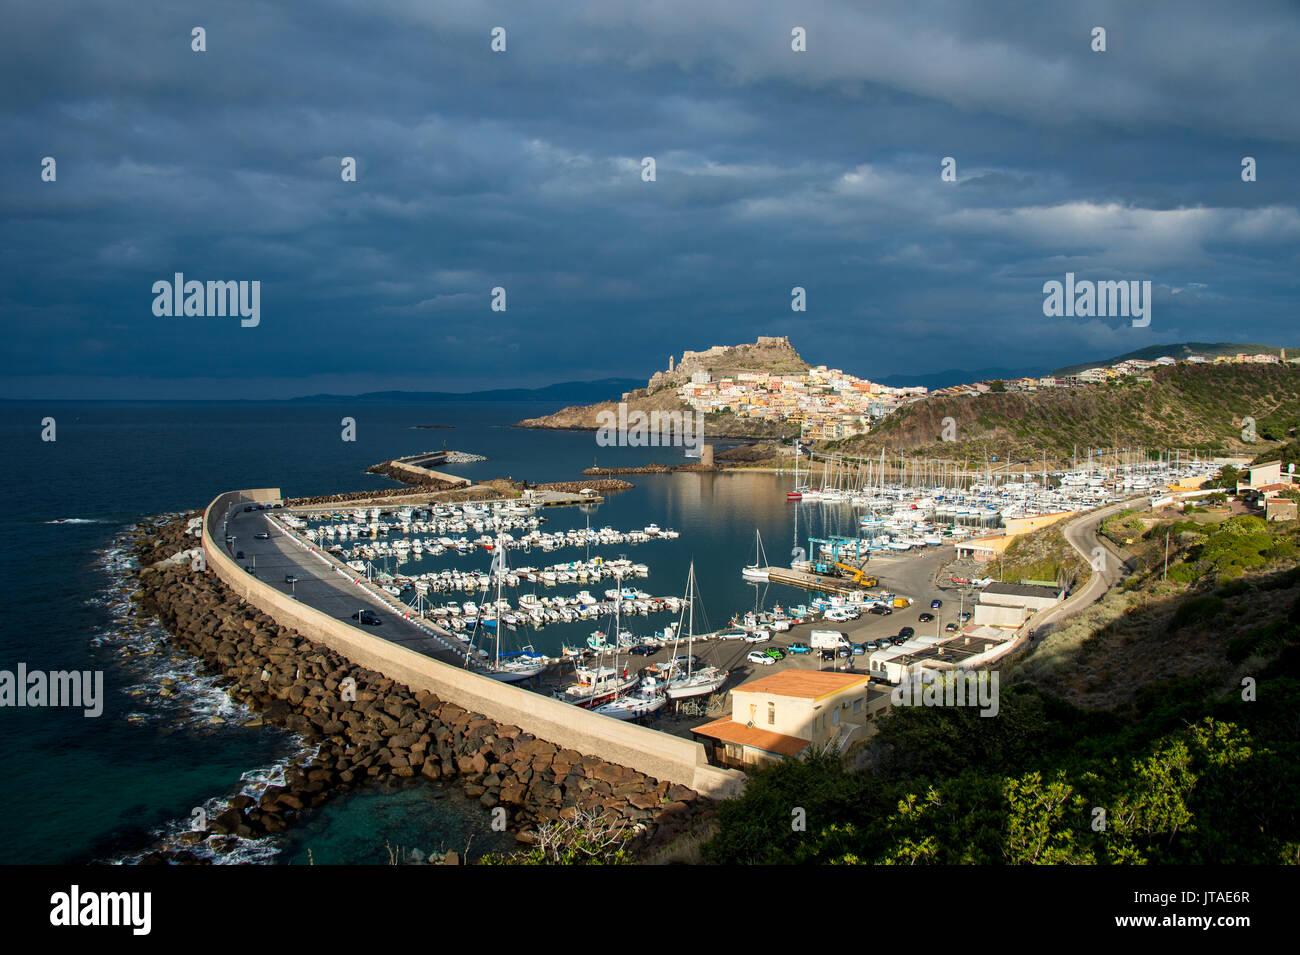 Lumière dramatique sur la vieille ville de Castelsardo avec son Boat Harbour, Sardaigne, Italie, Méditerranée, Europe Photo Stock